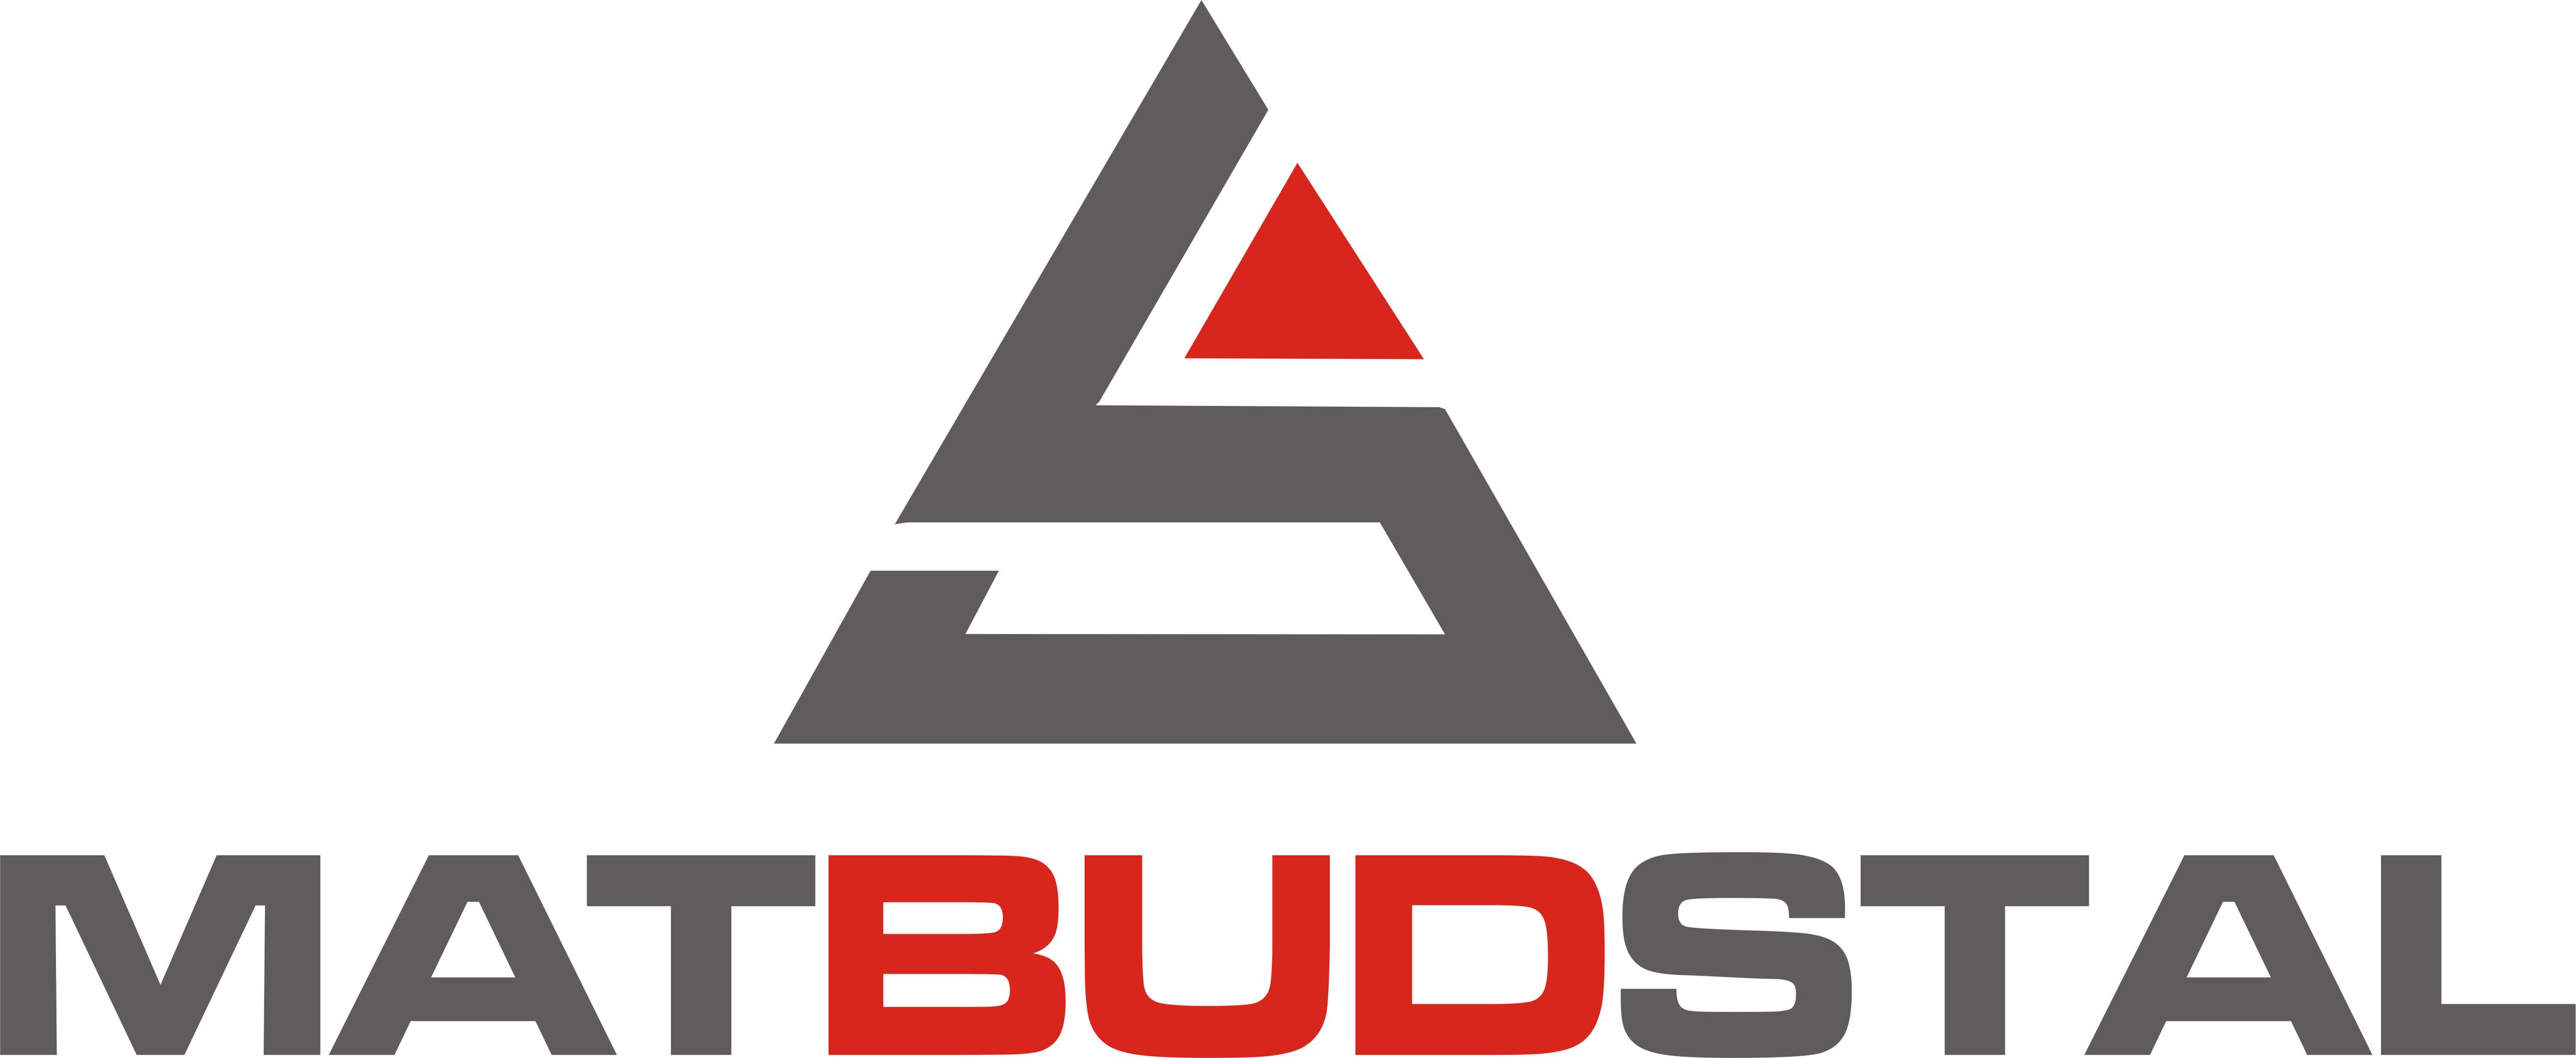 Mat-Bud-Stal Wyroby Hutnicze Kielce